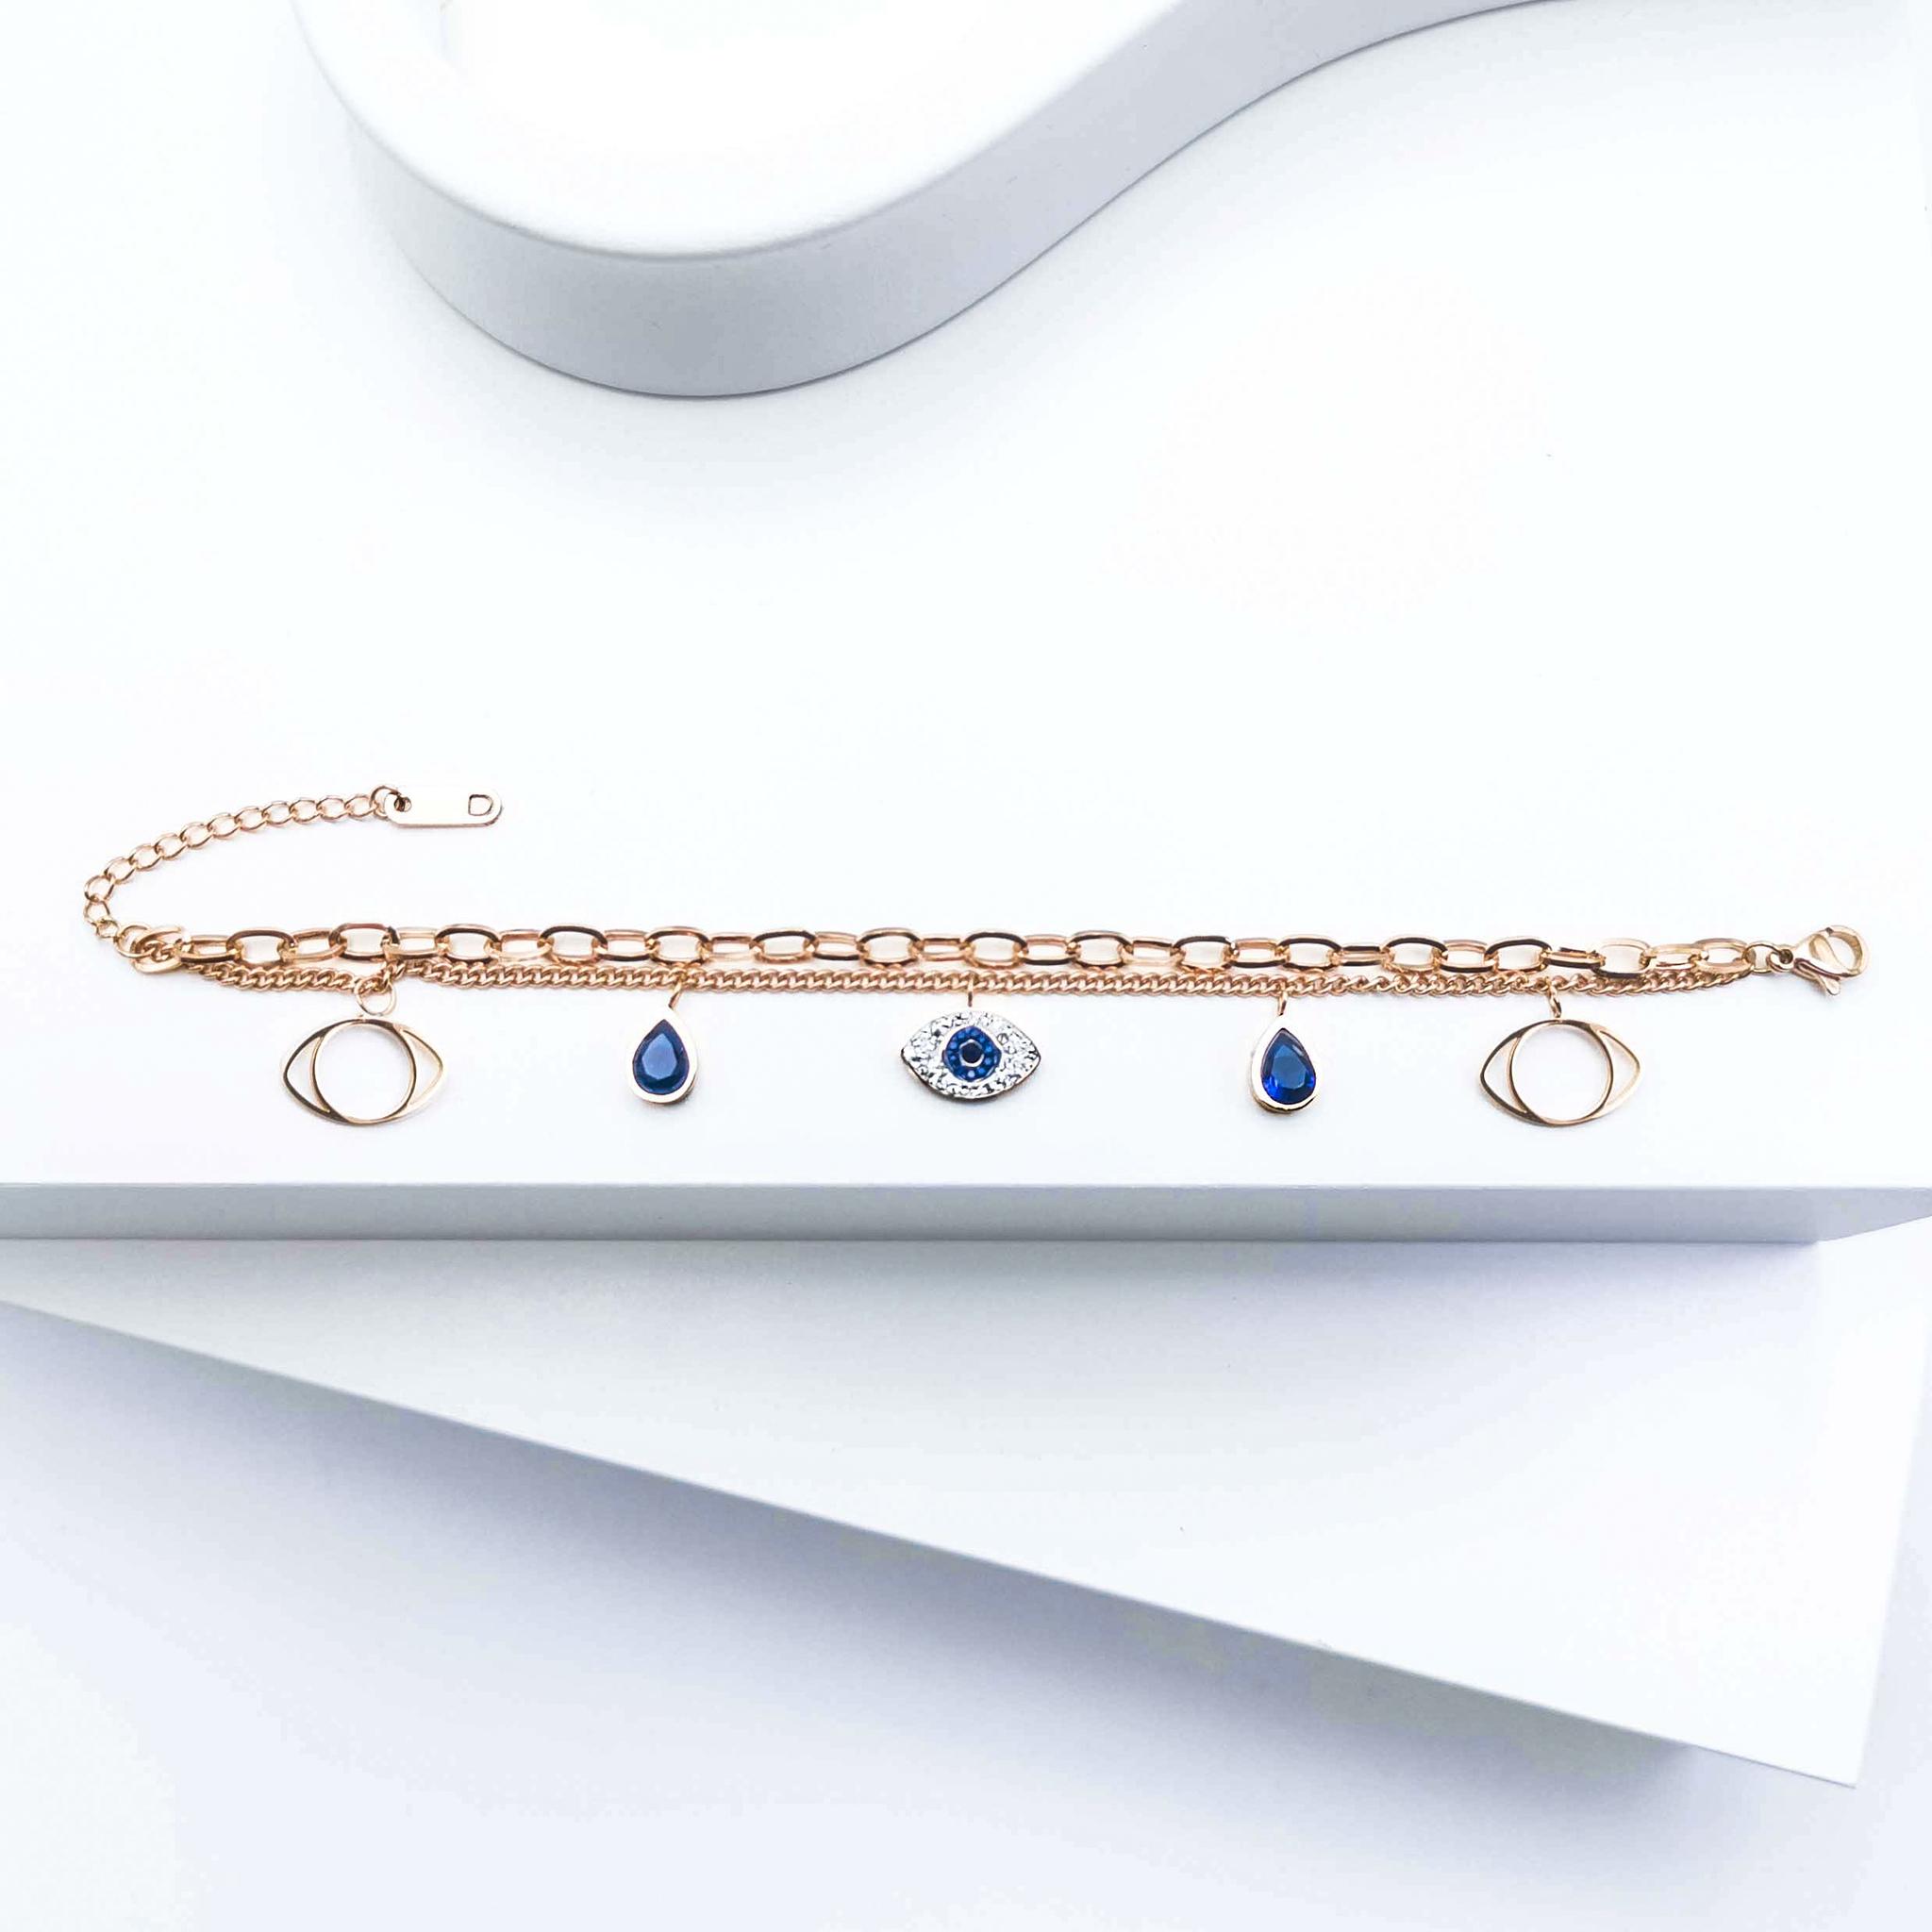 Lady Serenity Armband bild 1 är en Elegant, tidlös, och modern accessoar. Otroligt Vacker design av SWEVALI för alla tillfälle. Smycken är av hög kvalité Stainless Steel. Passar perfekt för damer som